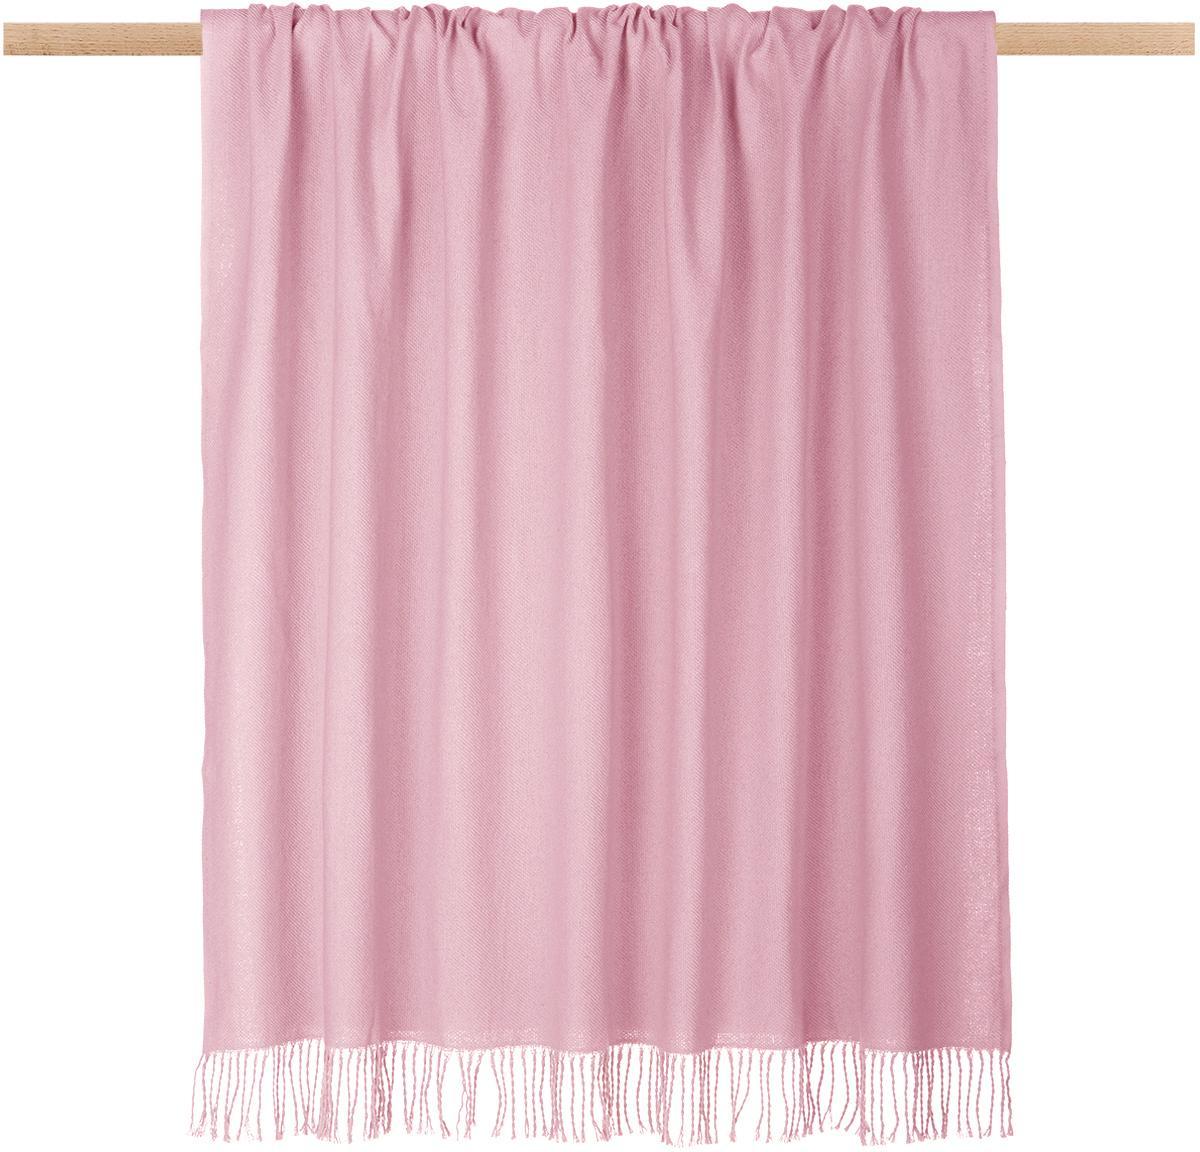 Einfarbiges Plaid Madison in Rosa mit Fransenabschluss, 100% Baumwolle, Rosa, 130 x 170 cm